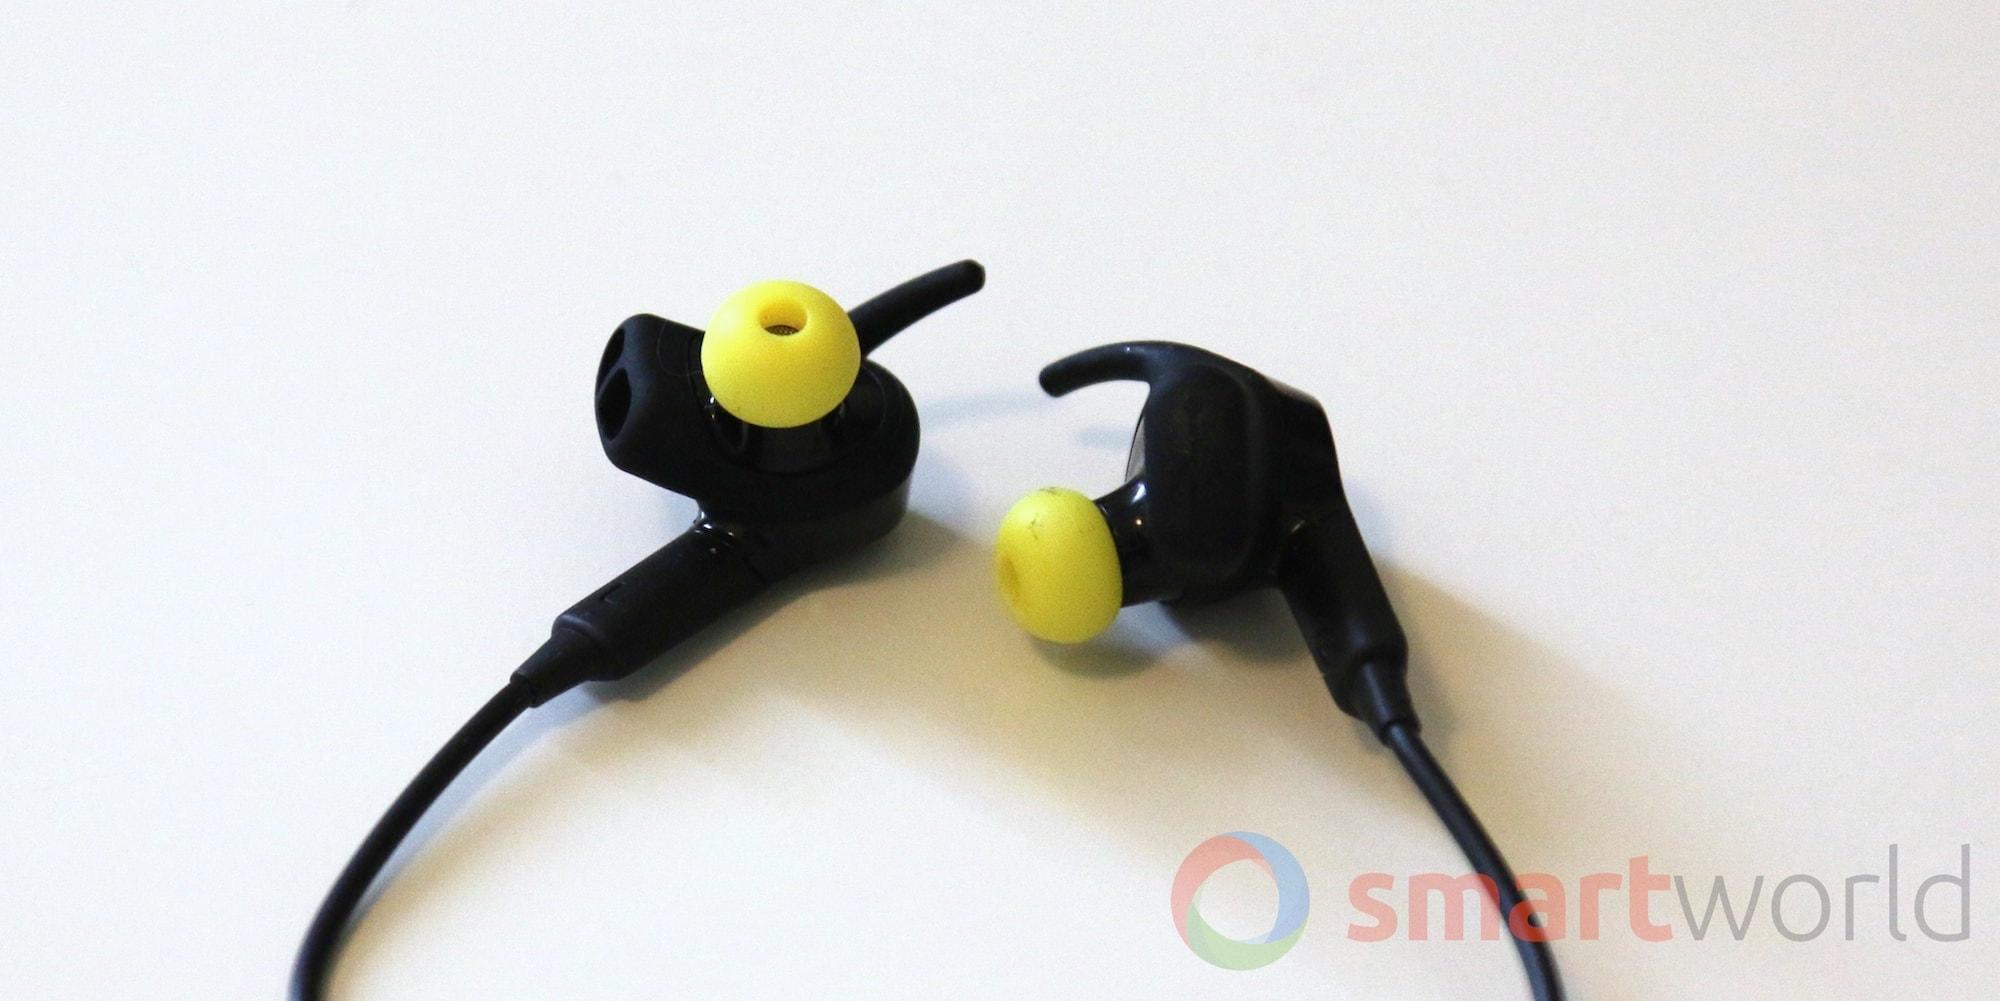 1ed9552f62d6e5 Recensione Jabra Sport Pulse Wireless   SmartWorld